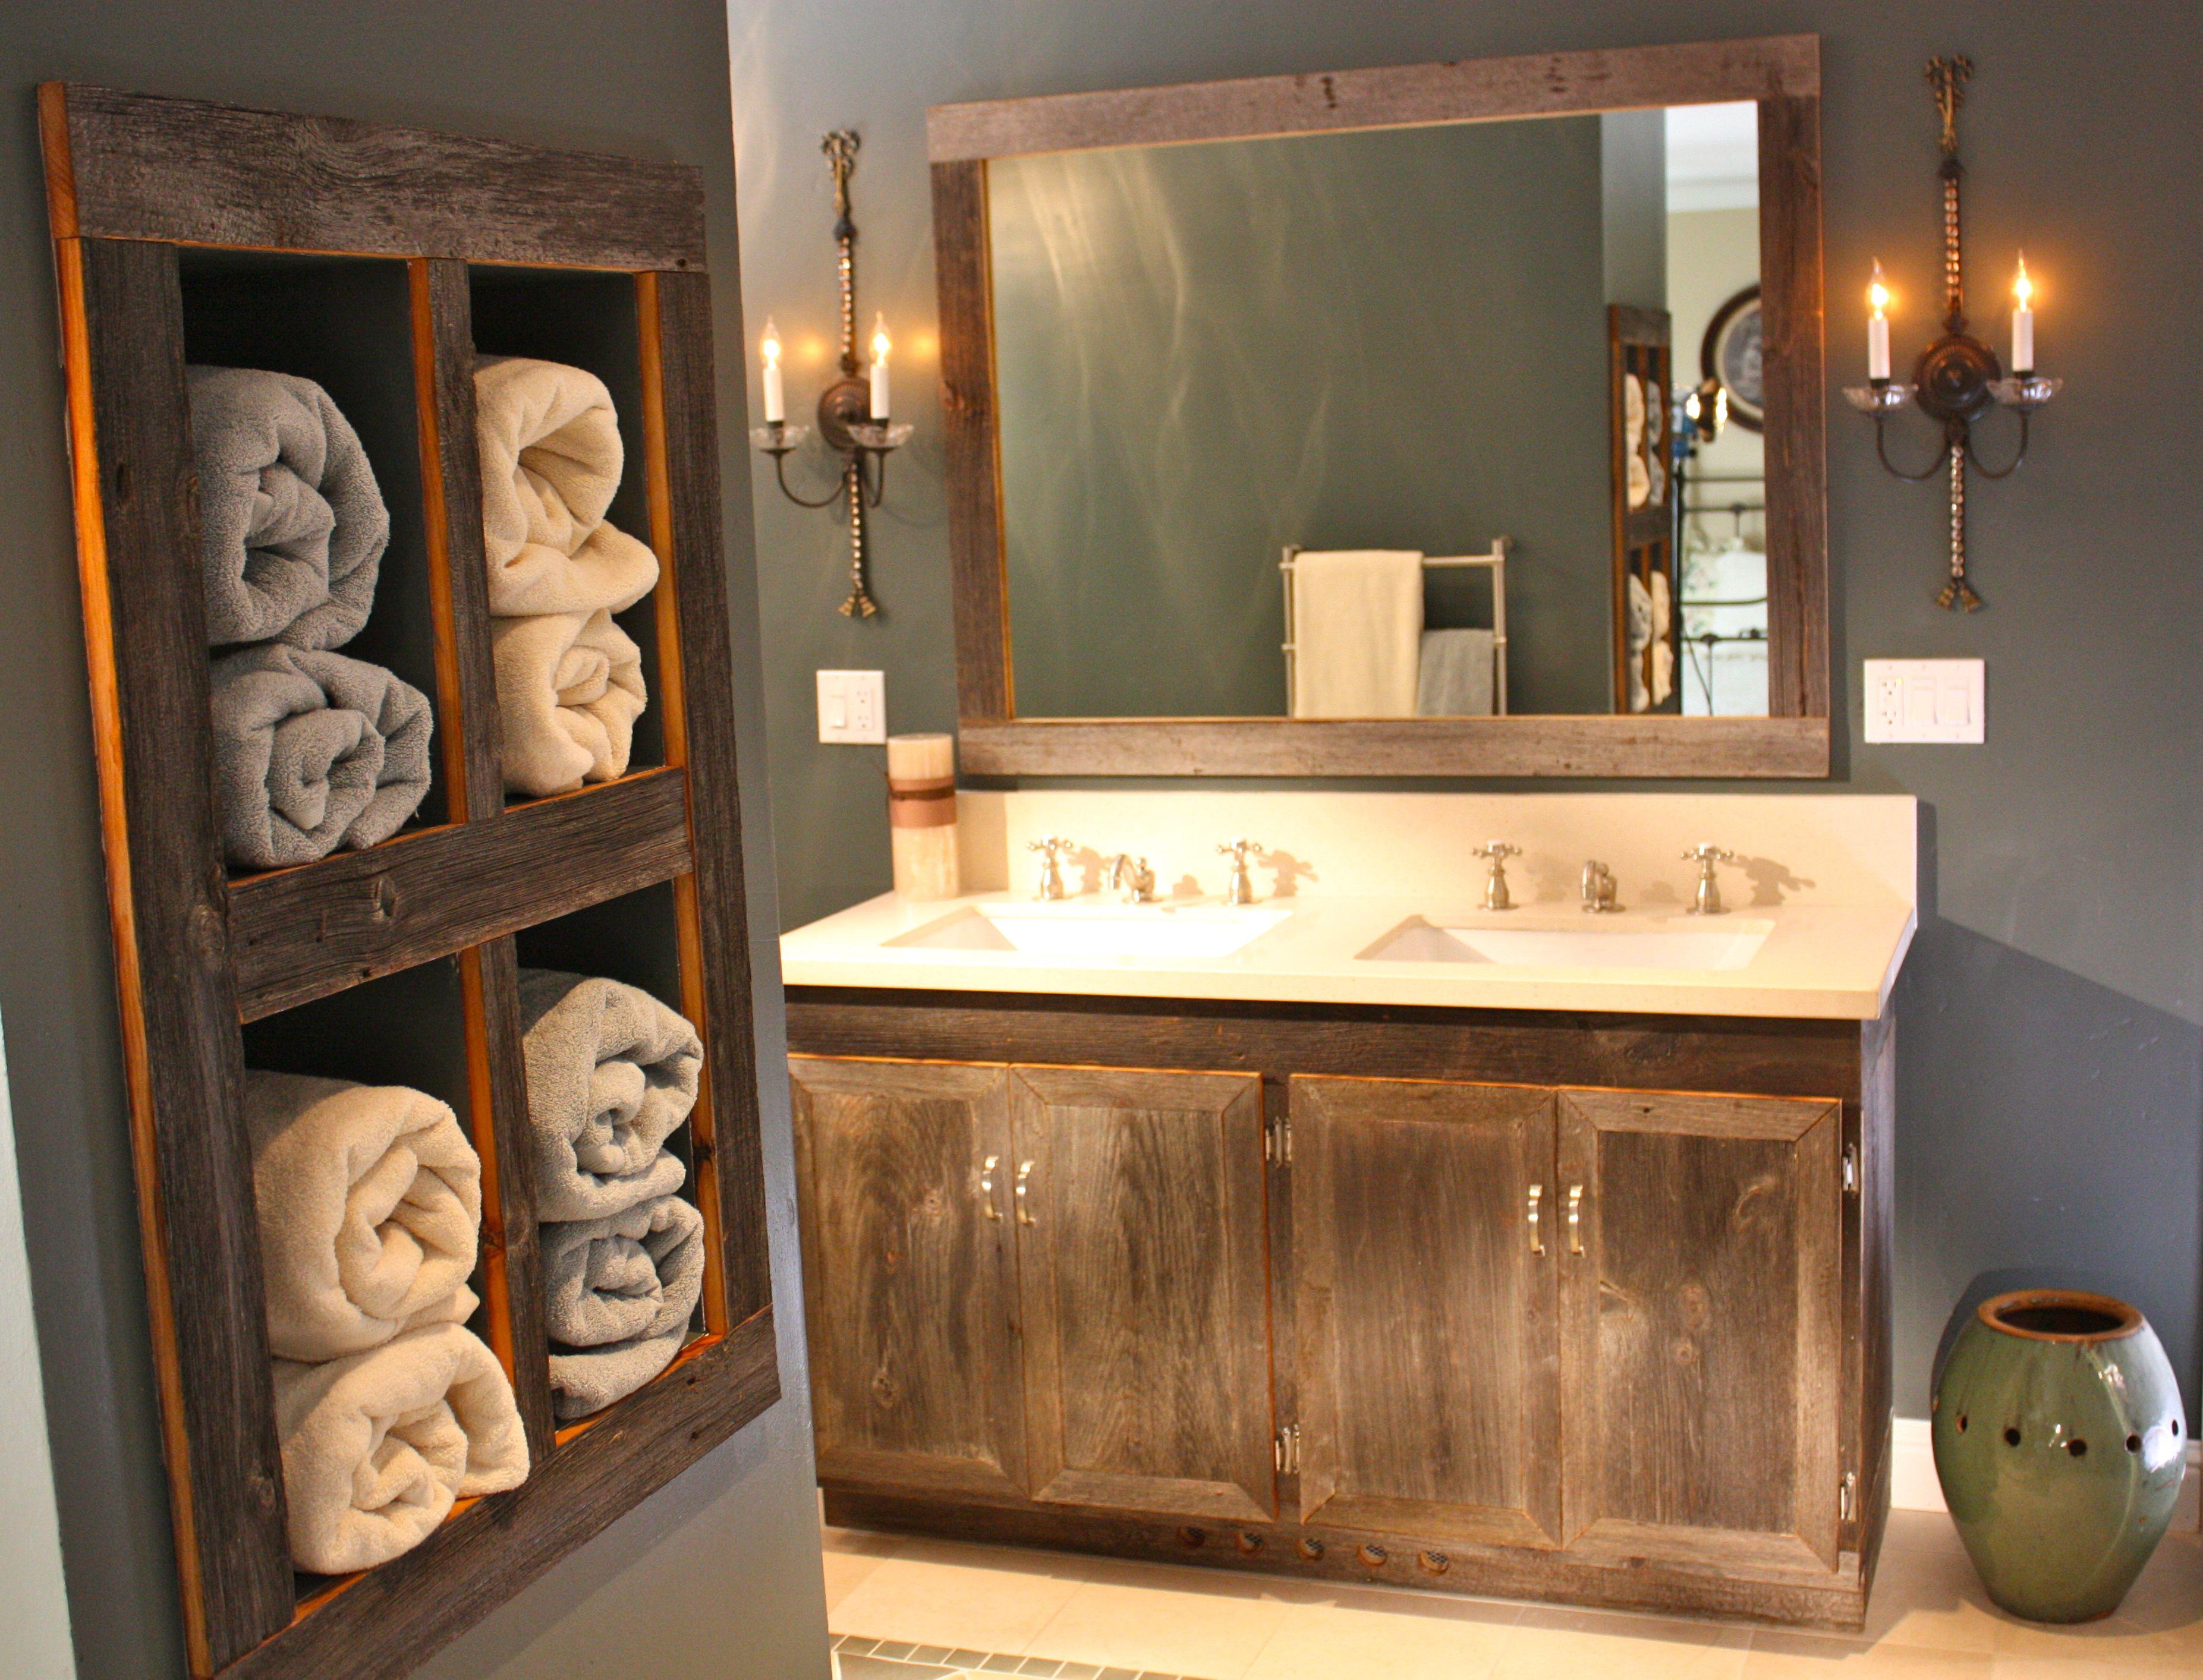 Salle de bain rustique: 100 idées déco salle de bain | Wooden frames ...